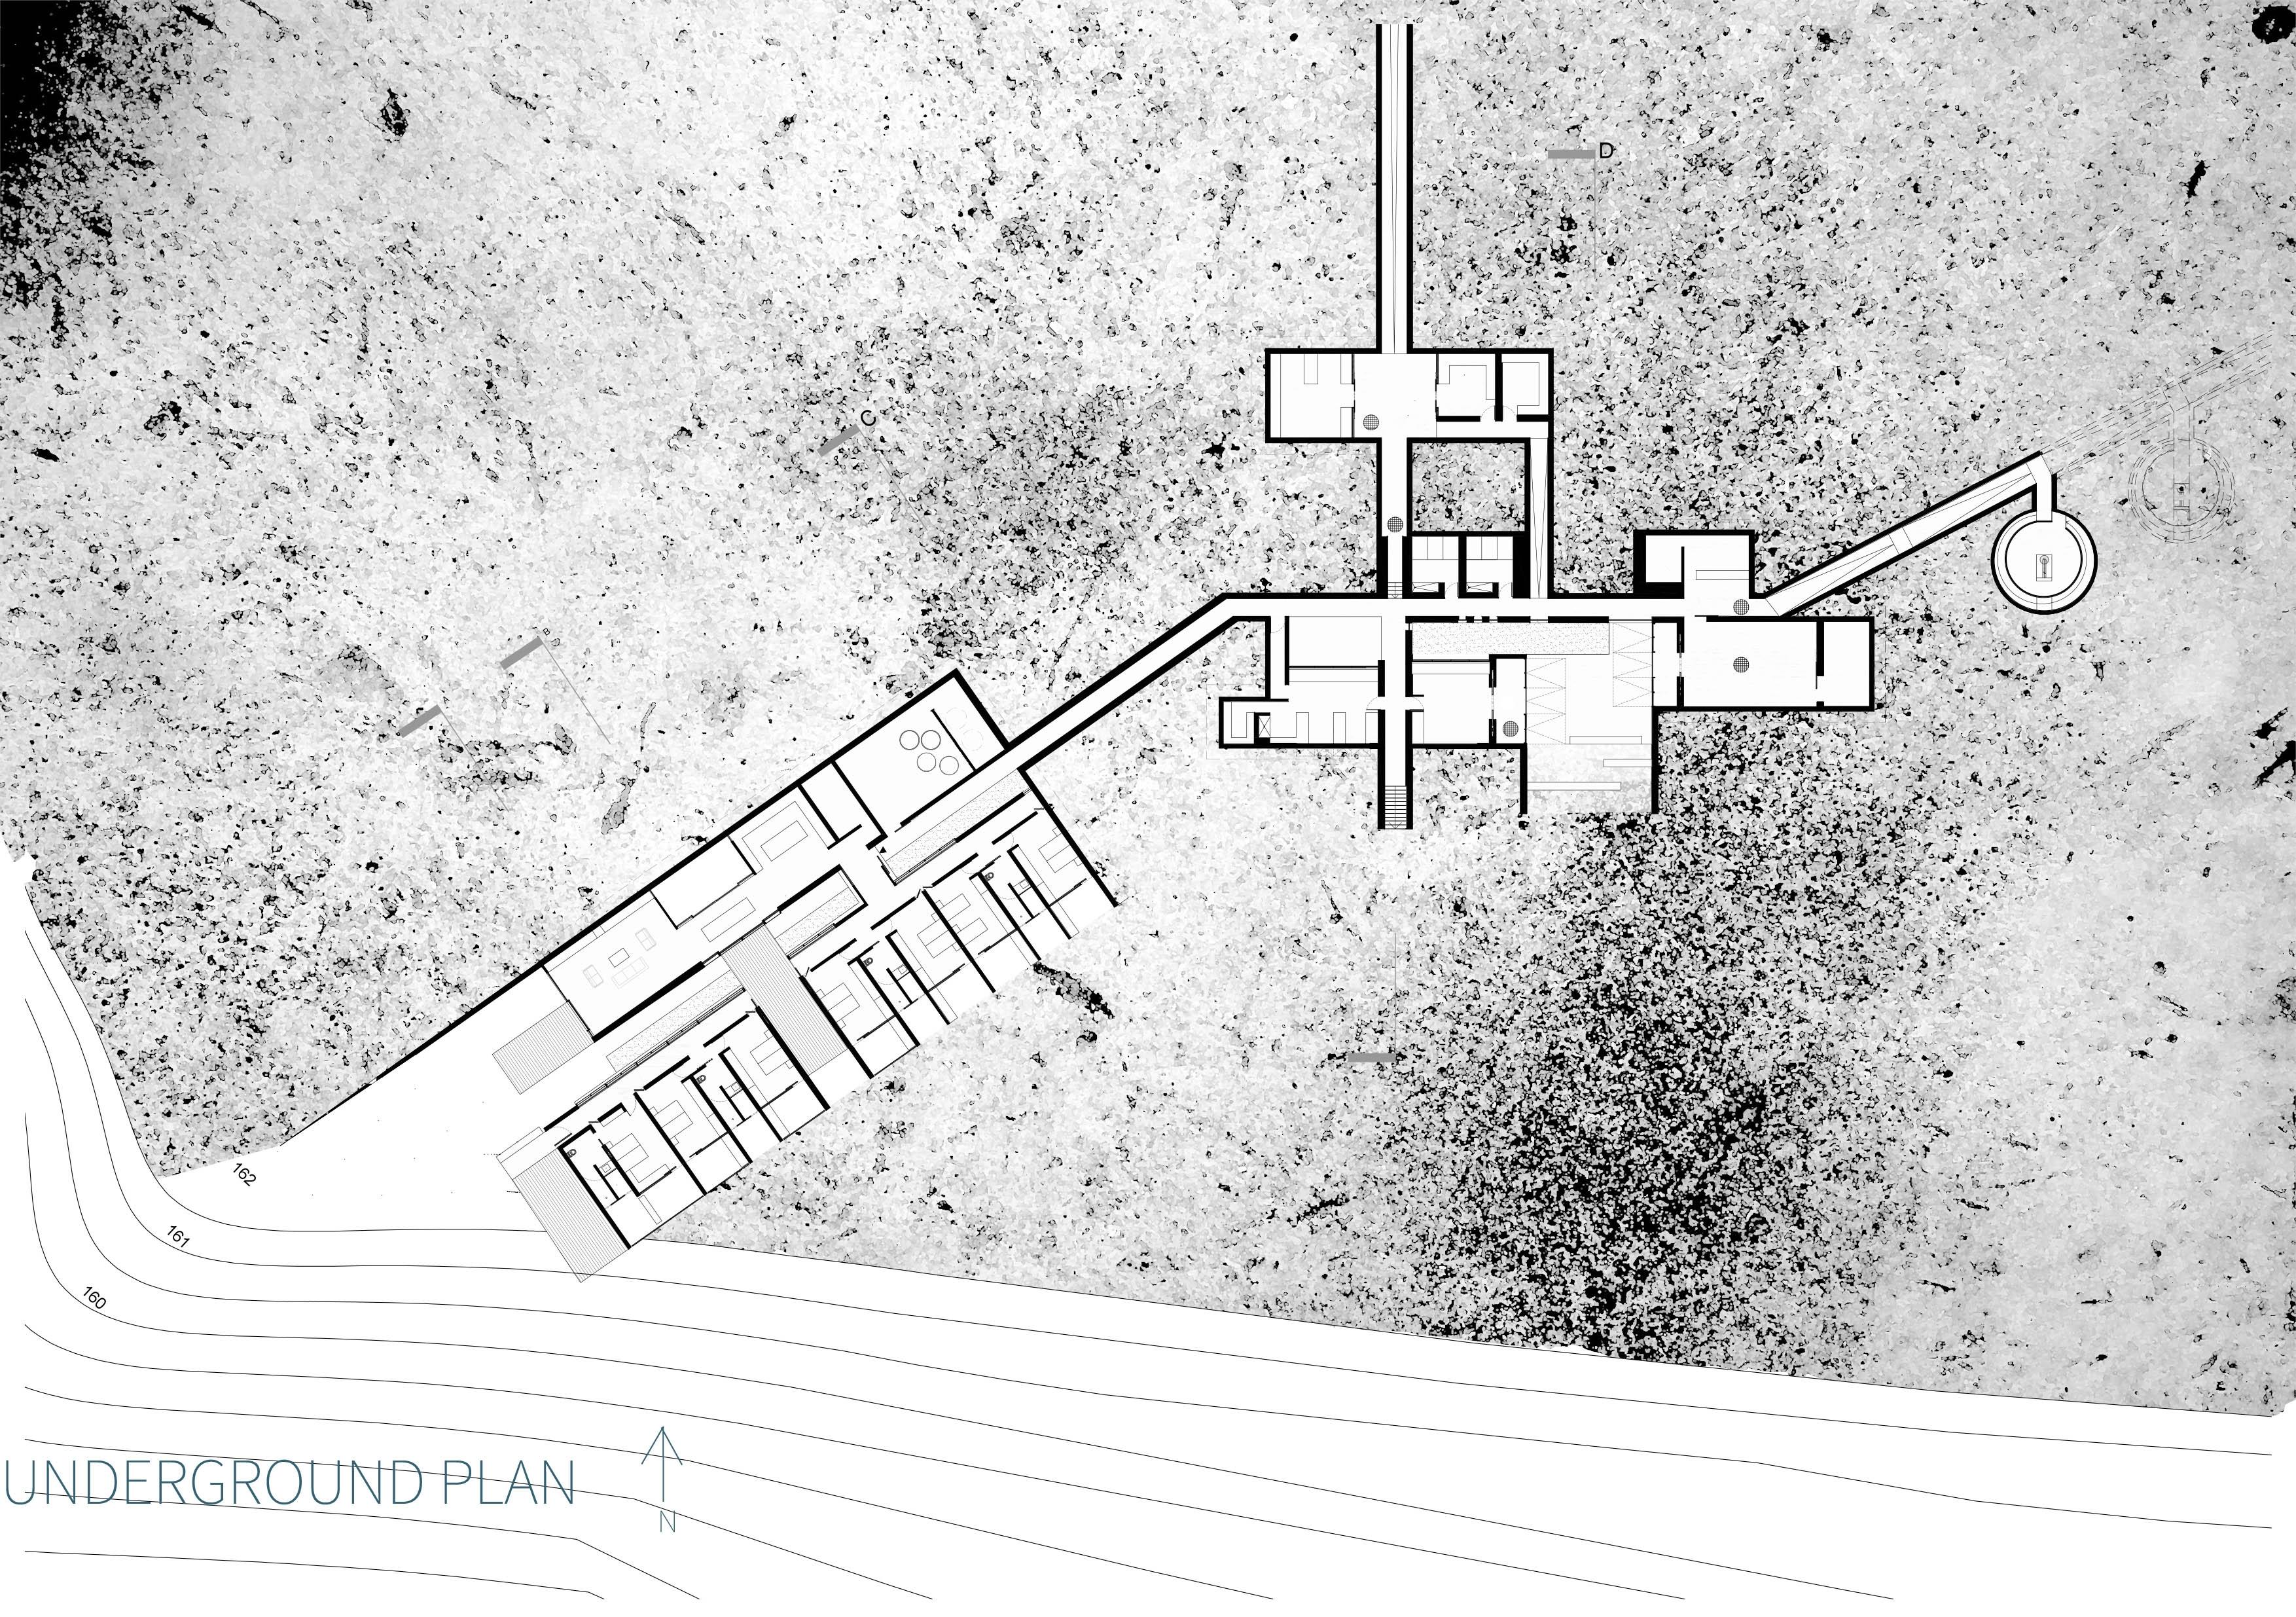 23_underground_plan.jpg